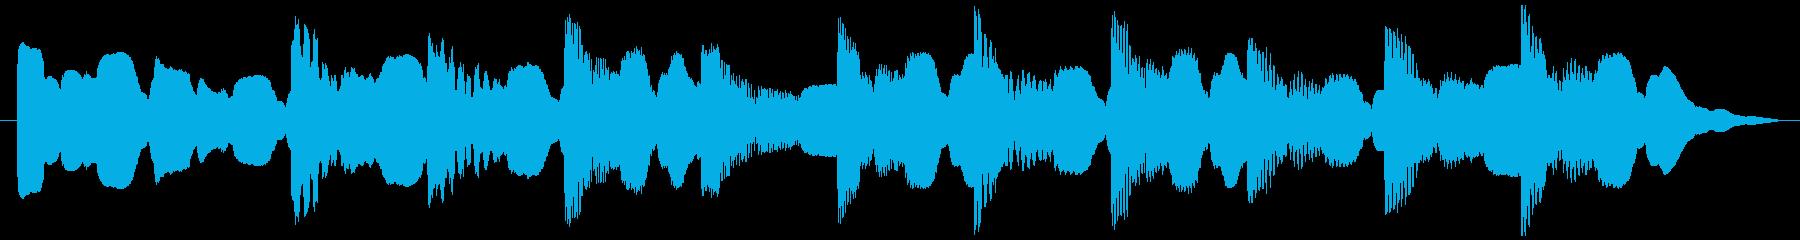 サウンドロゴ (レトロゲームチック)の再生済みの波形